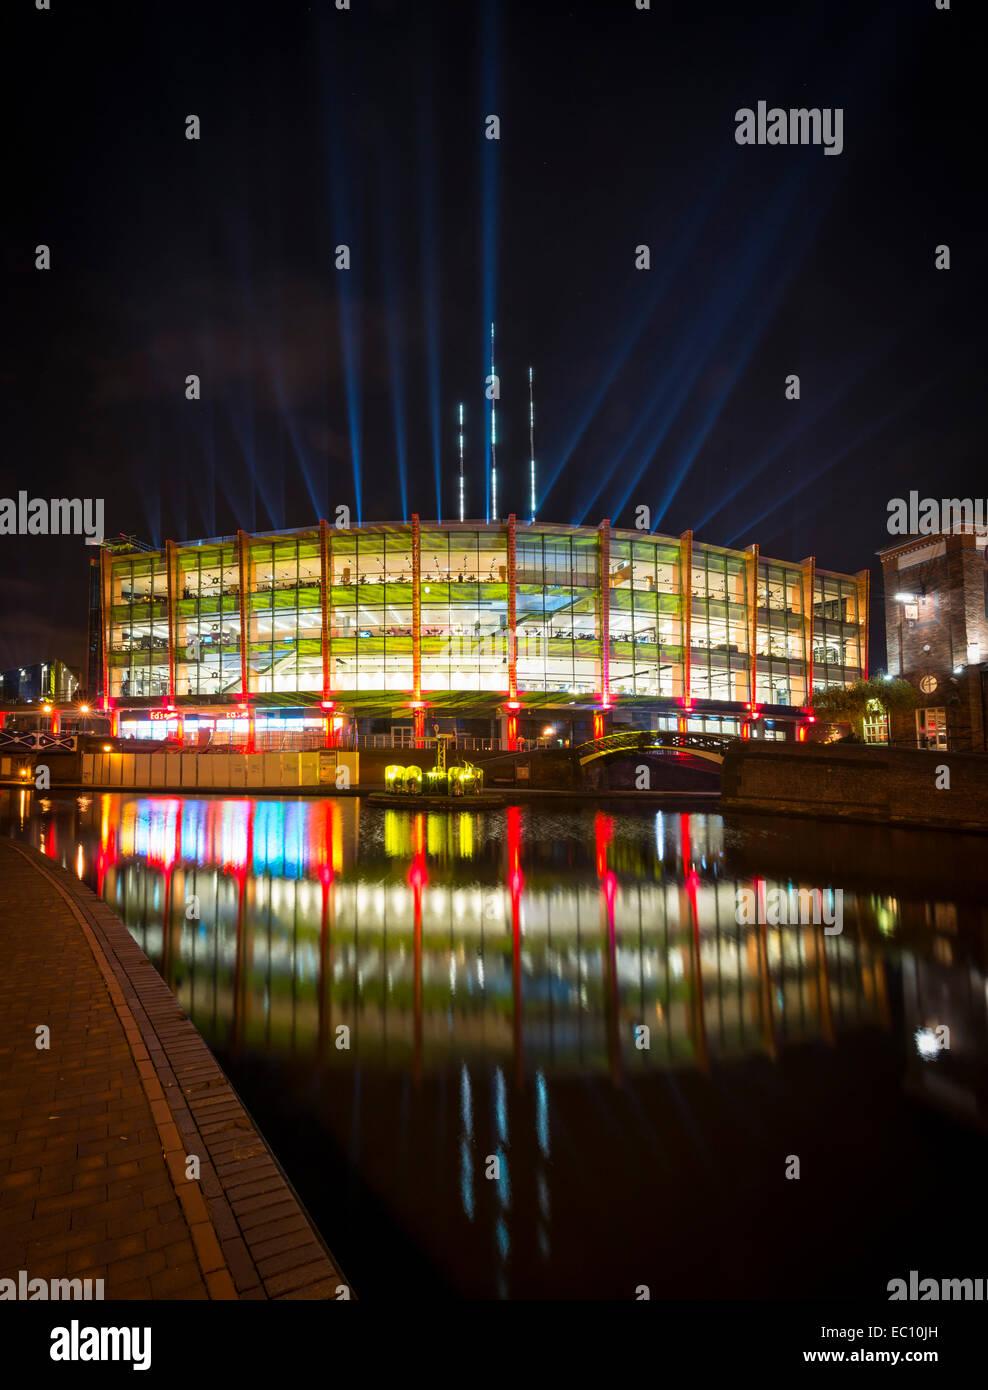 La National Indoor Arena: le NIA, Birmingham. La Barclaycard Arena est l'un des plus occupés à Photo Stock